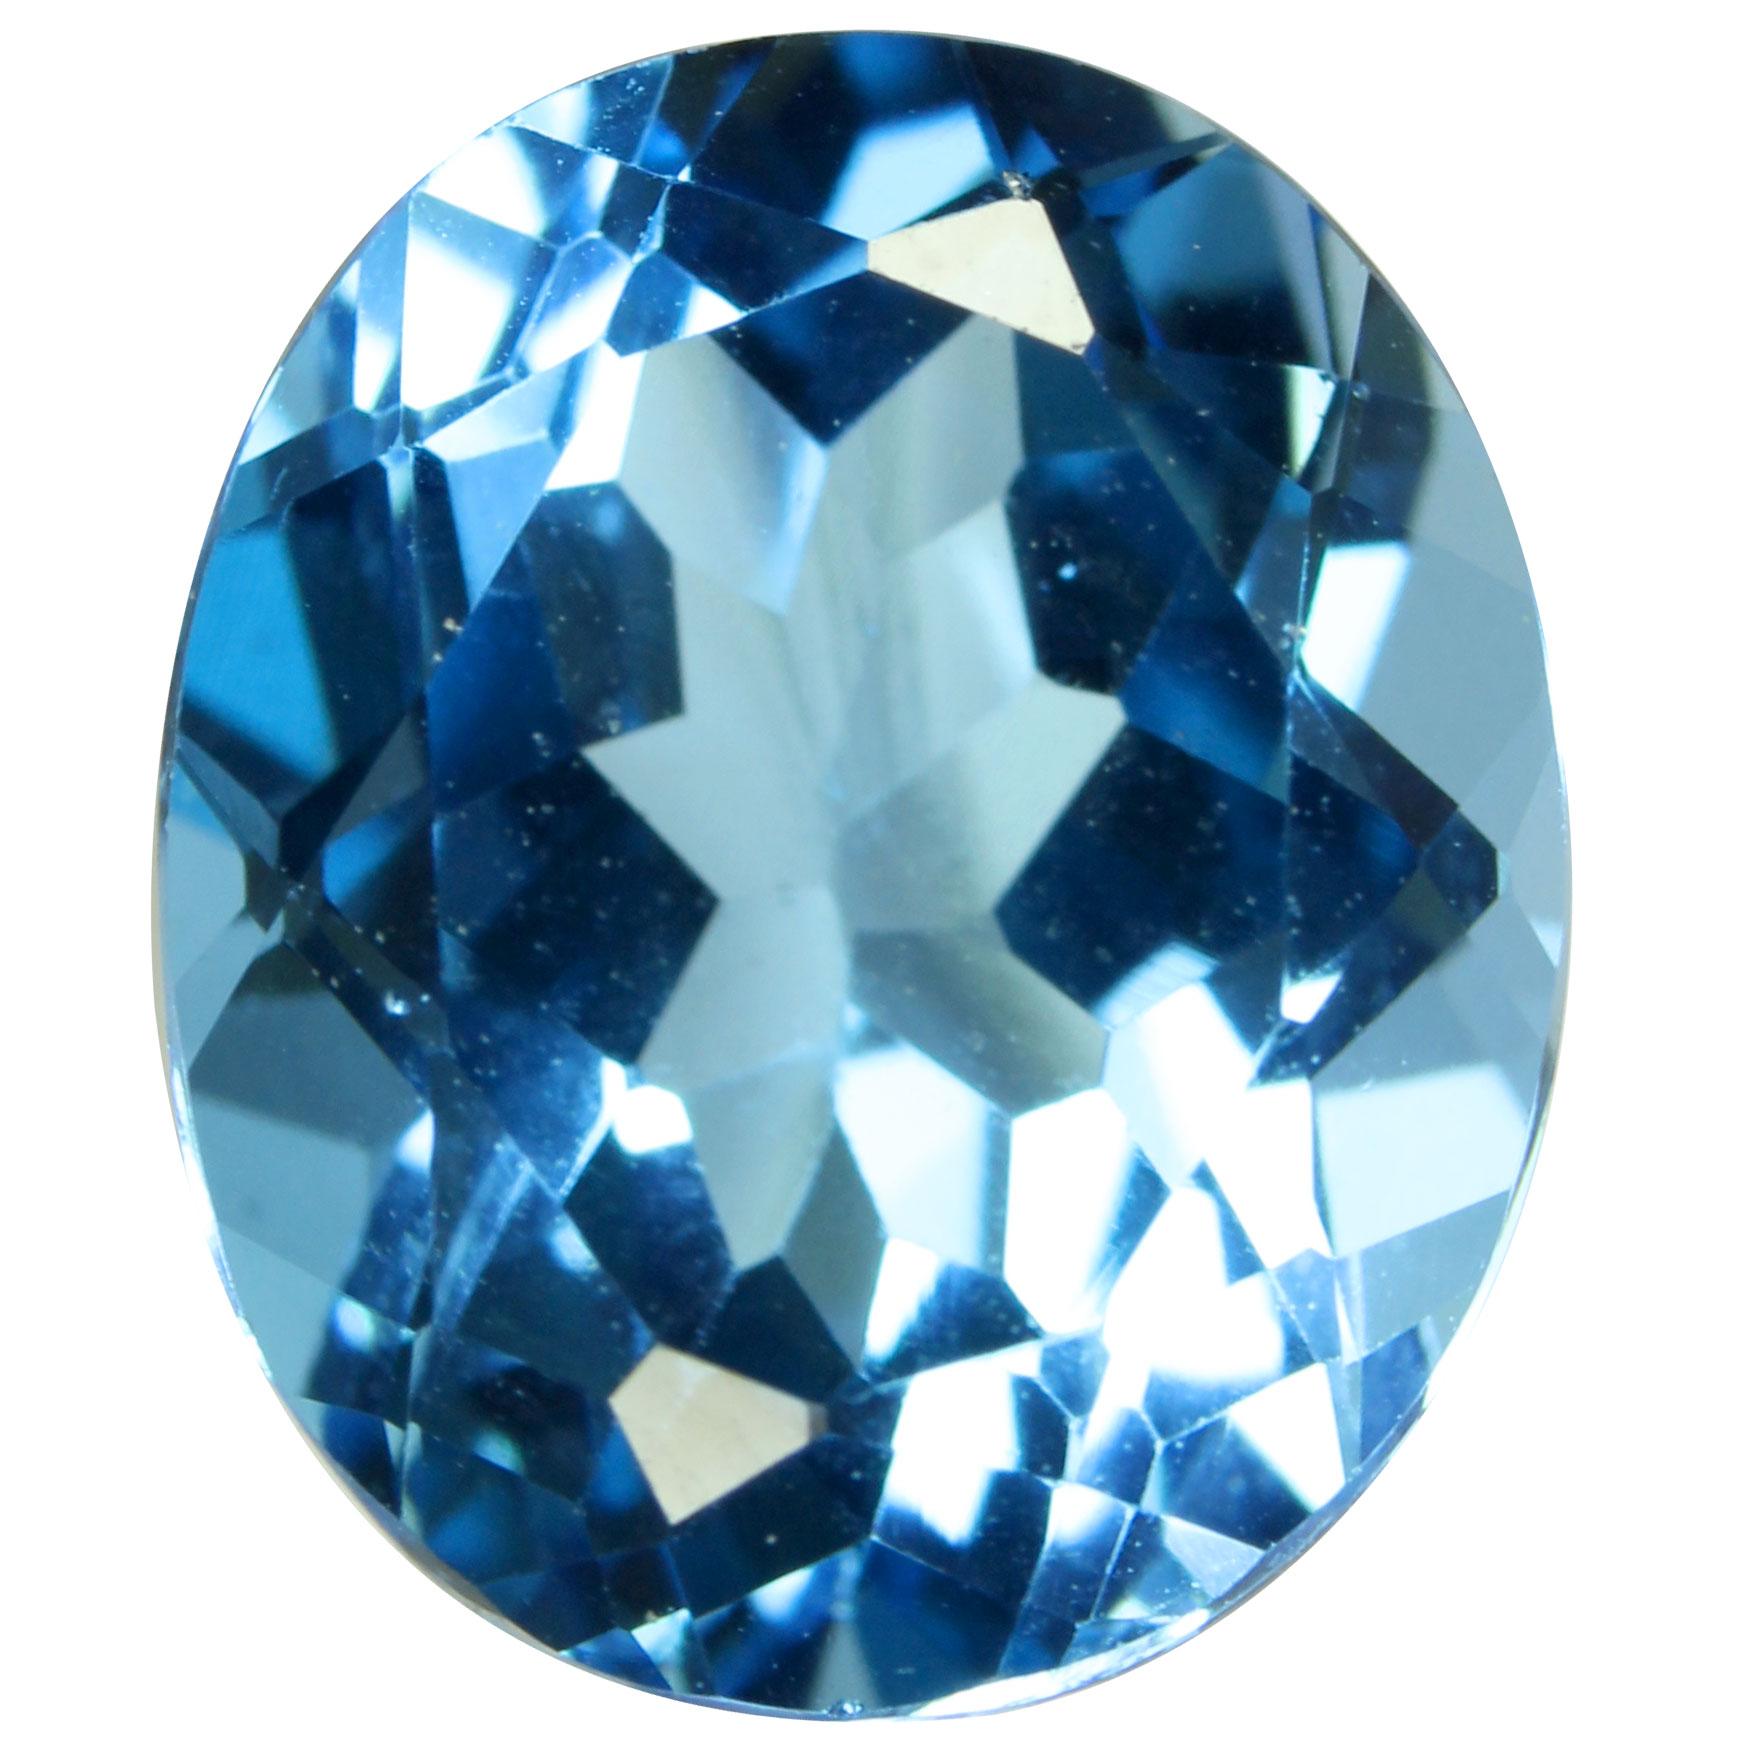 Blue Topaz Stone : Topaz talizman strzelca xi xii cz i